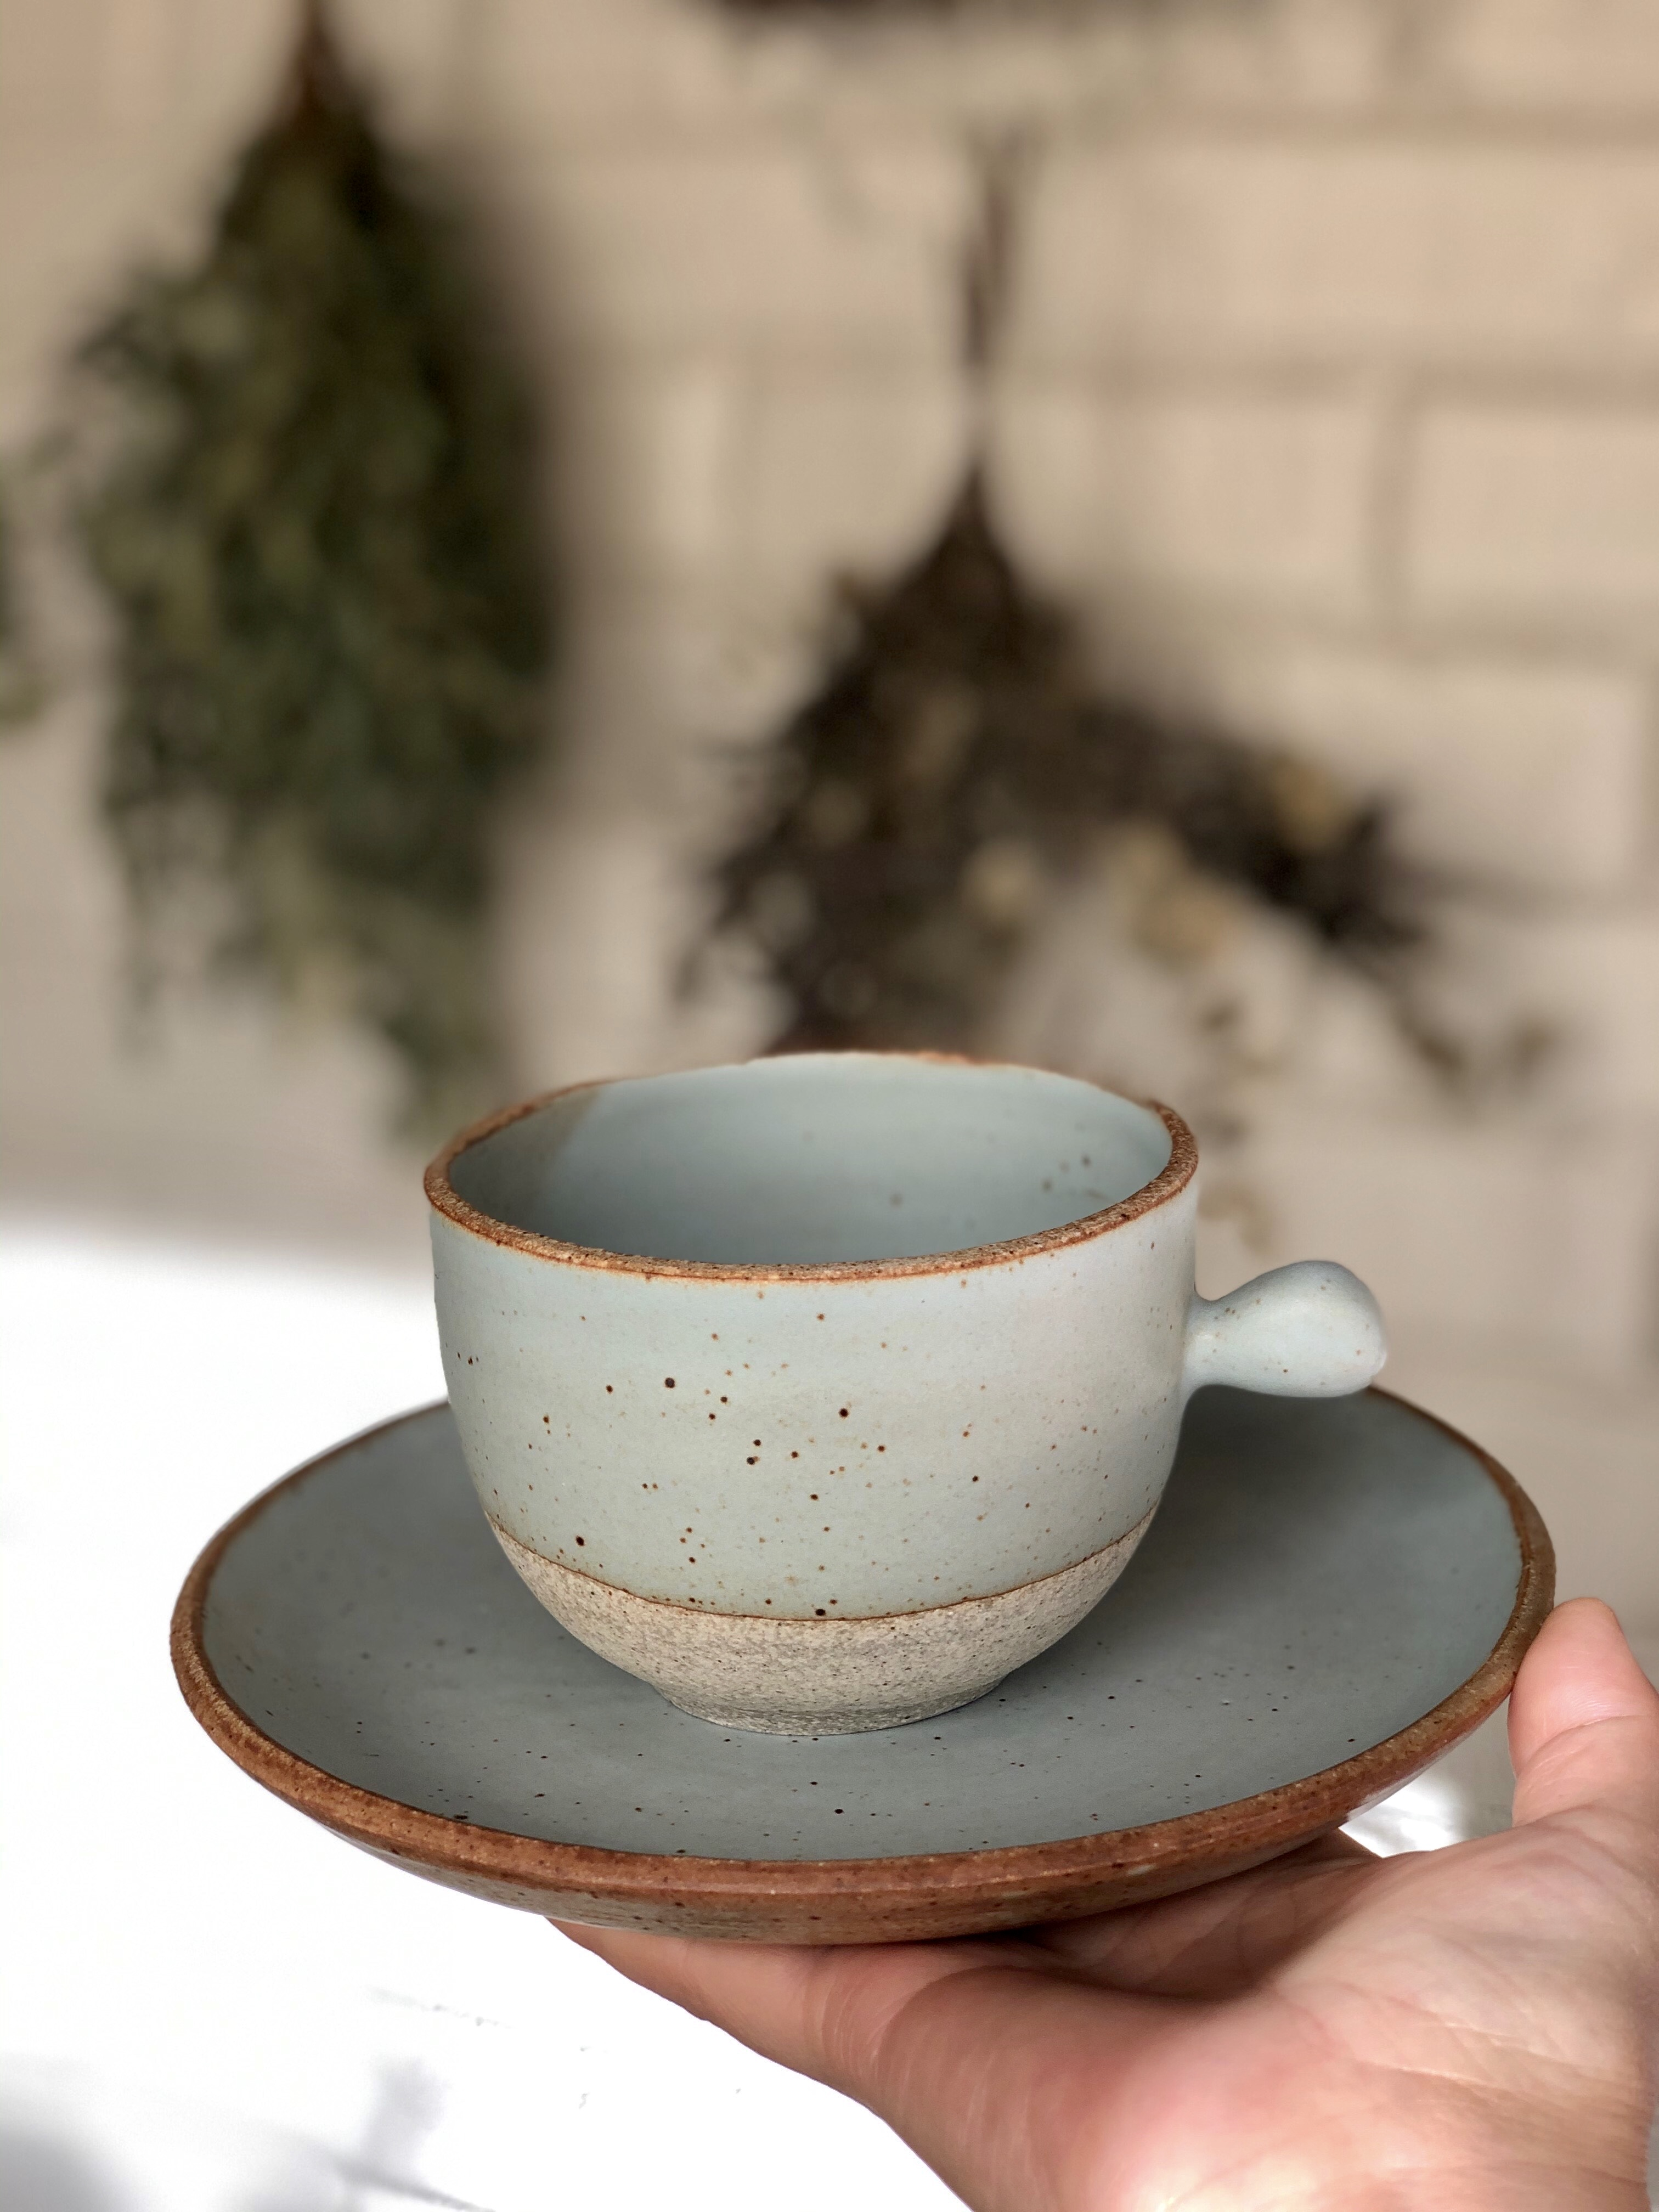 teacup and saucer